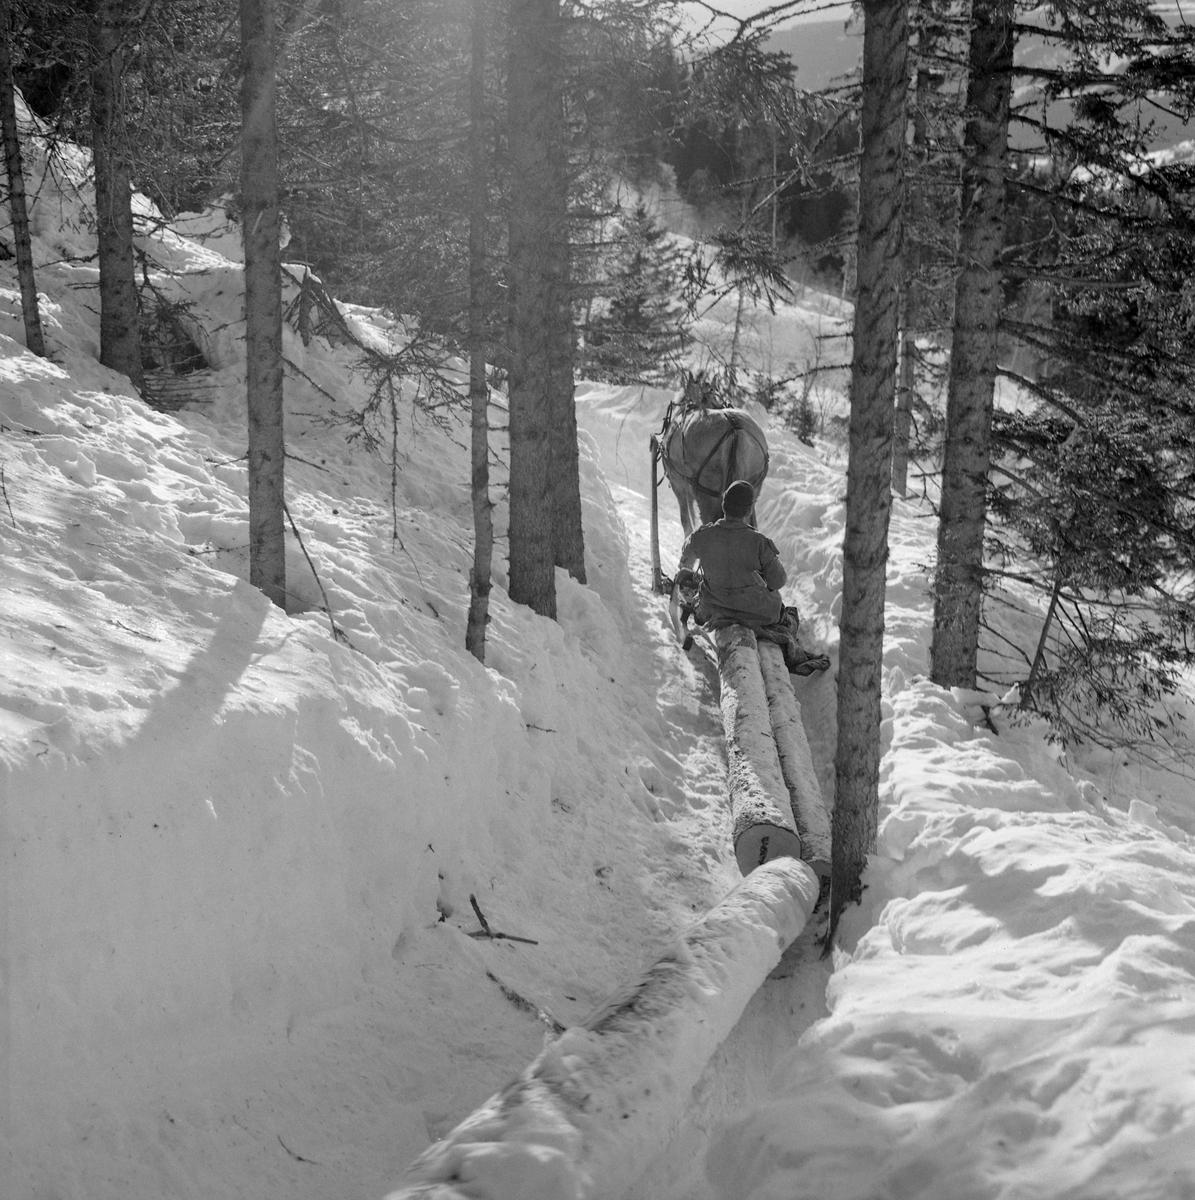 Hankekjøring av tømmer i Vestre Gausdal i mars 1967. Fotografiet er tatt et stykke oppe i lia der hesten, en fjording, trakk de sammenkjedete tømmerstokkene på en smal veg som tømmerkjørerne hadde måkt og tråkket i djupsnøen med sikte på å få tømmeret trygt ut av skogen og videre nedover den bratte lia. Ei normalvending under hankekjøring i det bratte terrenget i Vestre Gausdal var på om lag tre tylfter (36 stokker), men under gode forhold skal det ha vært kjørt vendinger på oppimot 100 stokker. Hvor mye tømmer som fantes i den vendinga som er avbildet her vet vi ikke eksakt. I dette tilfellet vet vi imidlertid at det var tre kilometers kjøreveg. Når strekningen var såpass lang rakk tømmerkjørerne bare to vendinger om dagen i den mørkeste tida (desember-januar). Dette fotografiet ble tatt i mars 1967, da Kjell Søgård og Tore Fossum fra Norsk Skogbruksmuseum var i Vestre Gausdal for å gjøre opptak til en kulturhistorisk dokumentasjonsfilm om tømmerkjøringstradisjonene i bygda. I kommentarene til filmen sier gausdølen Nils Bjørge følgende: «Under hankekjøring lyt det væra godt samspell mellom hæst og kar, ska' vendinga gå godt. Enkelte øykje lære konsta bæ're ell andre. Døm tek hardt ti før å få løyst vendinga i starta, og så legg døm seg kraftig ti sæla'n der det er flate og tunge strekninger.»